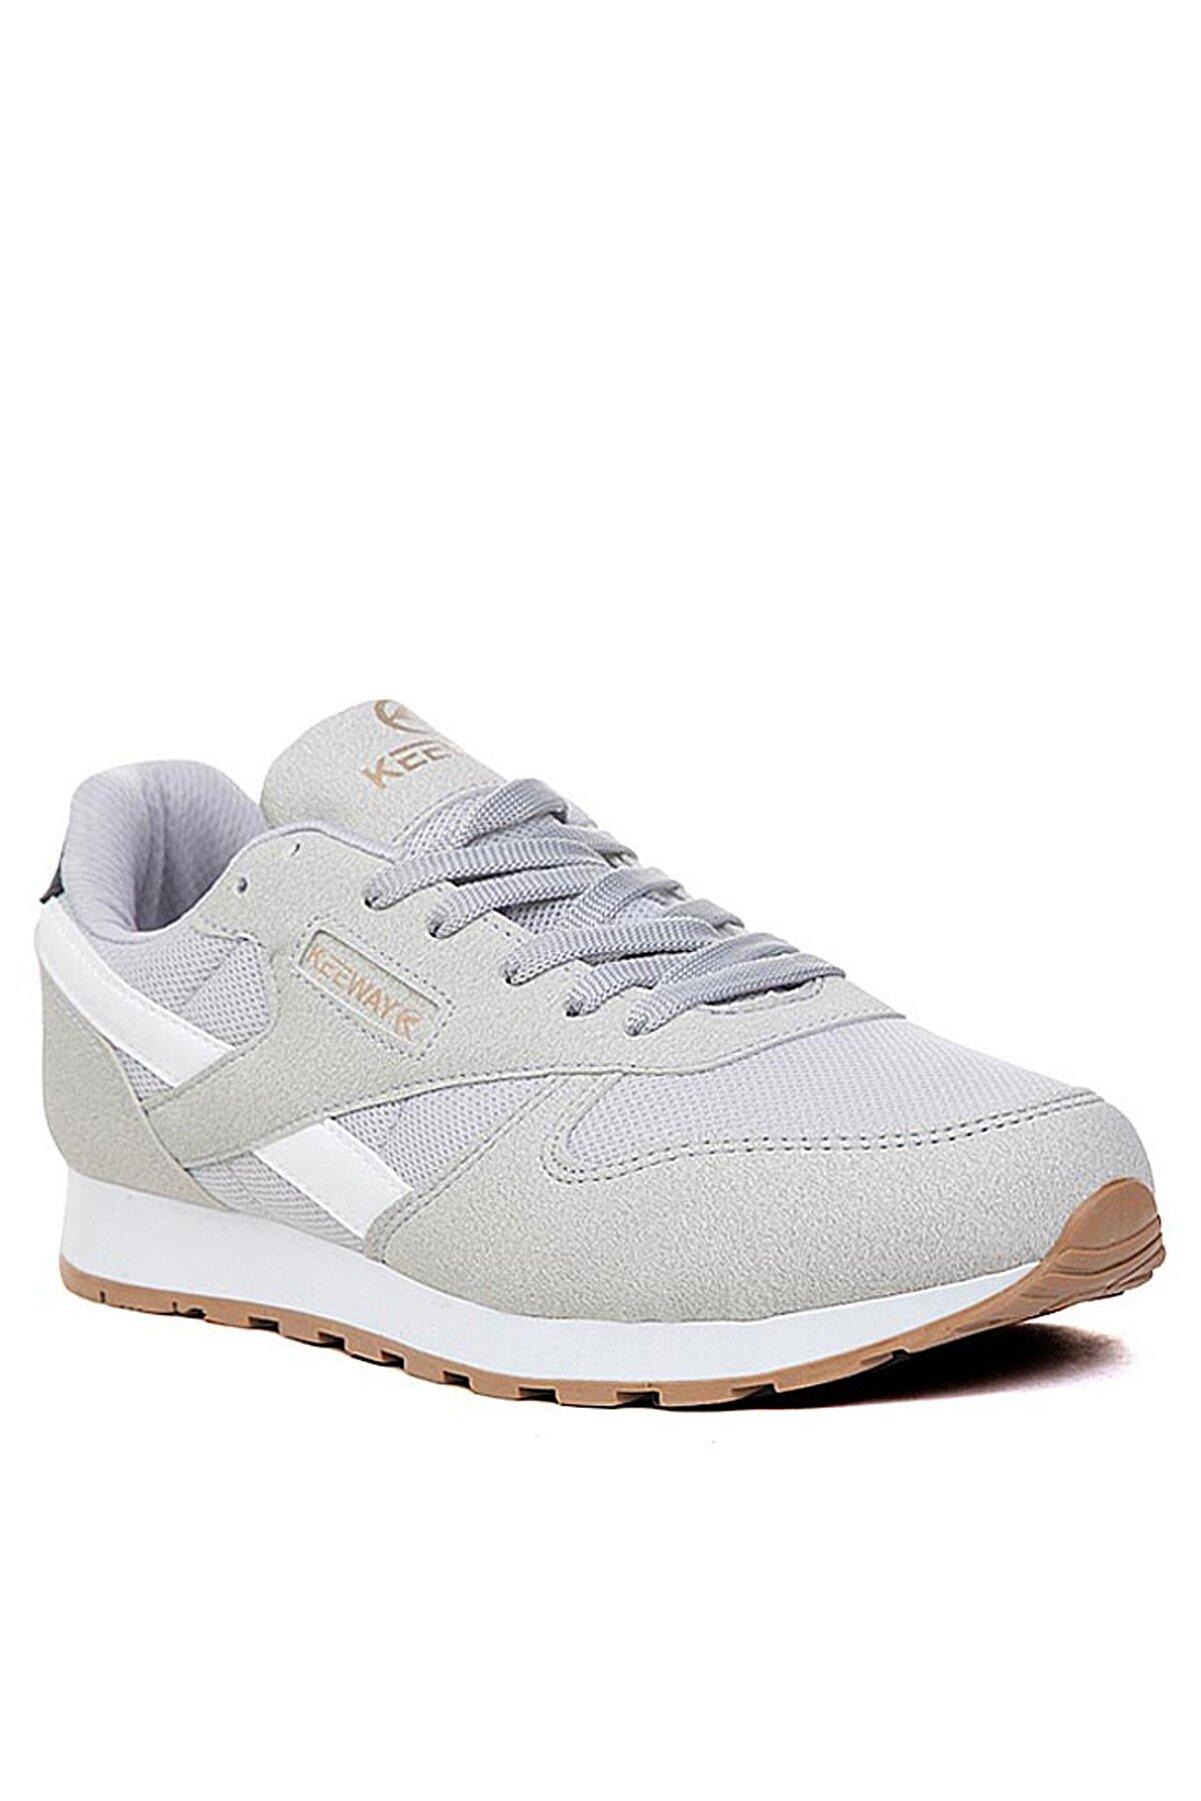 Giyyin Günlük Spor Ayakkabı Erkek Kadın Gri Kw853201